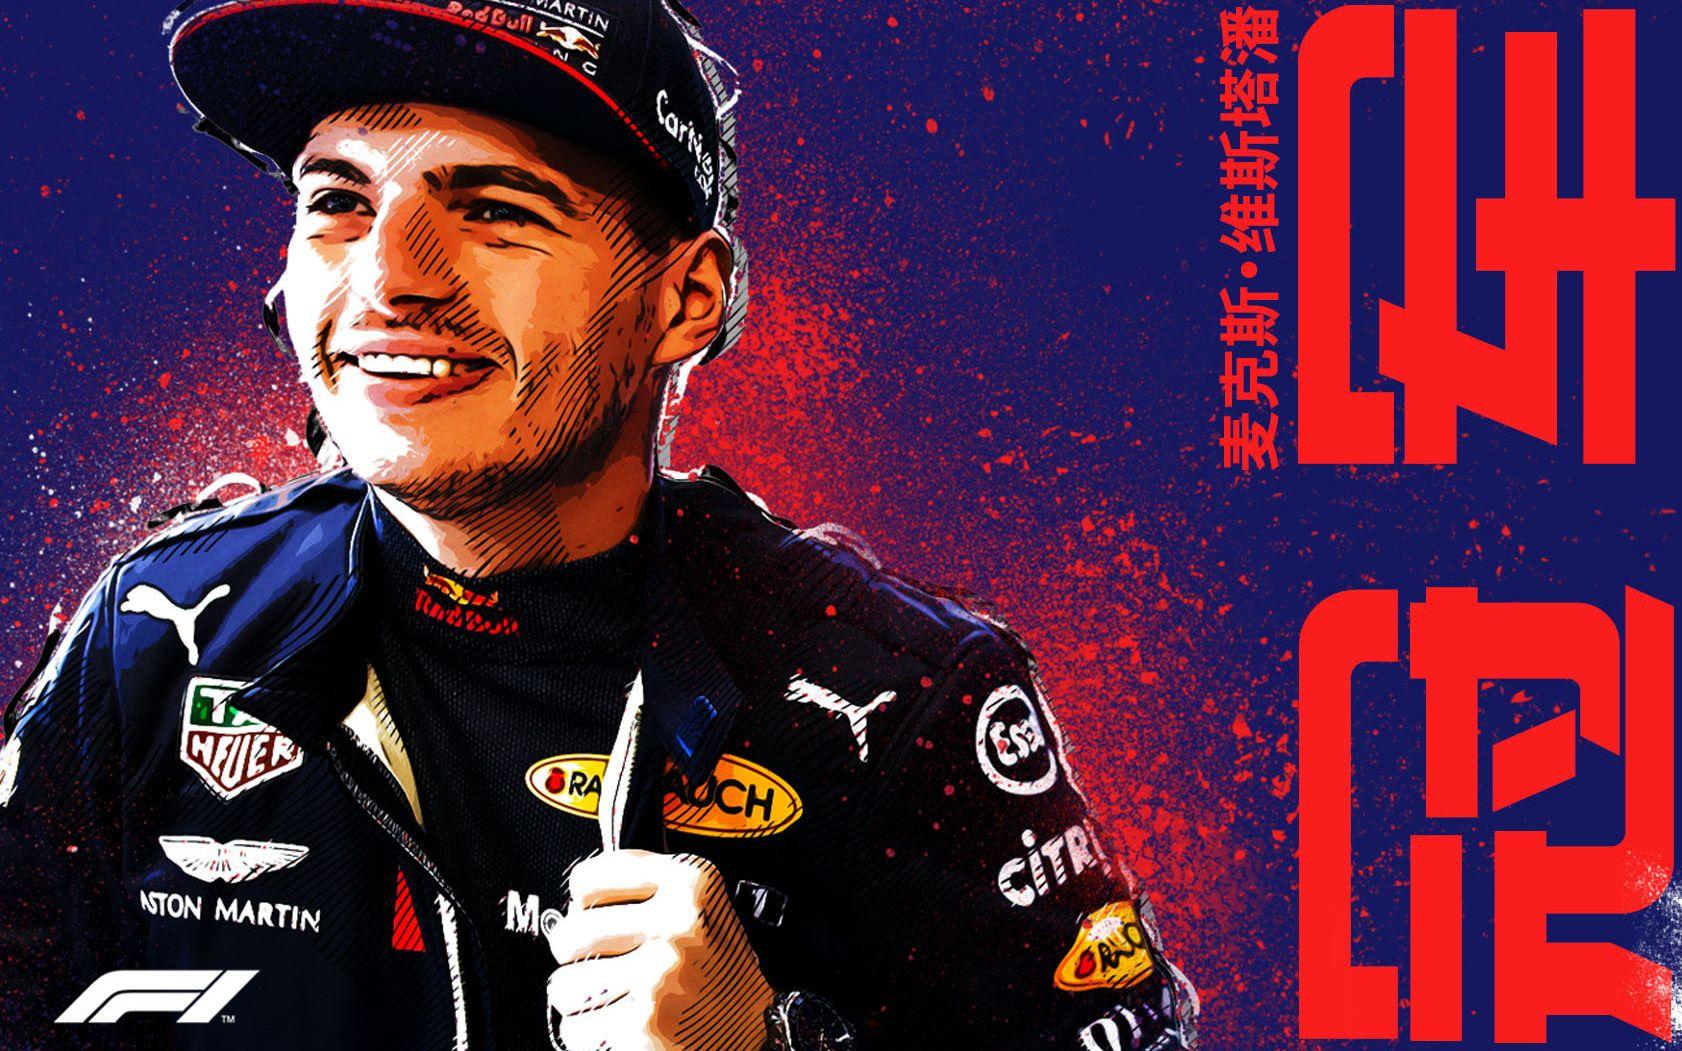 中超足球外围-维斯塔潘轮胎战术奏效,夺F1七十周年大奖赛冠军